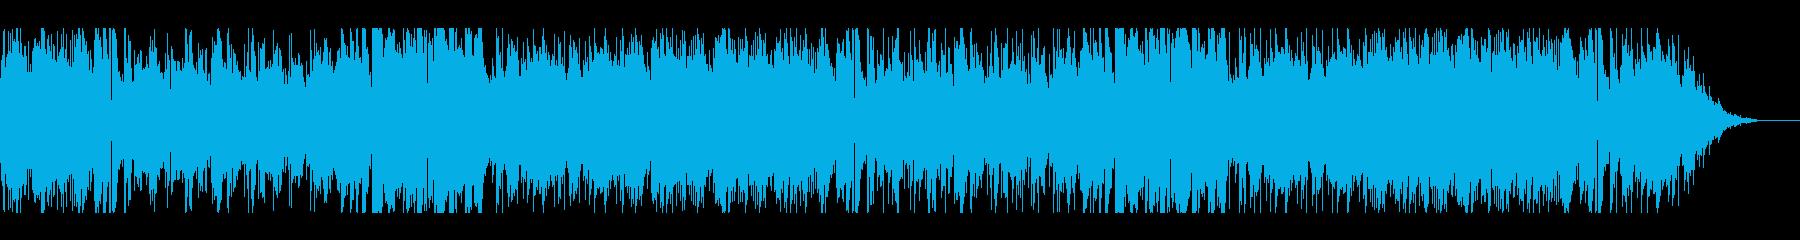 ほのぼのした雰囲気のポップスギターソロの再生済みの波形